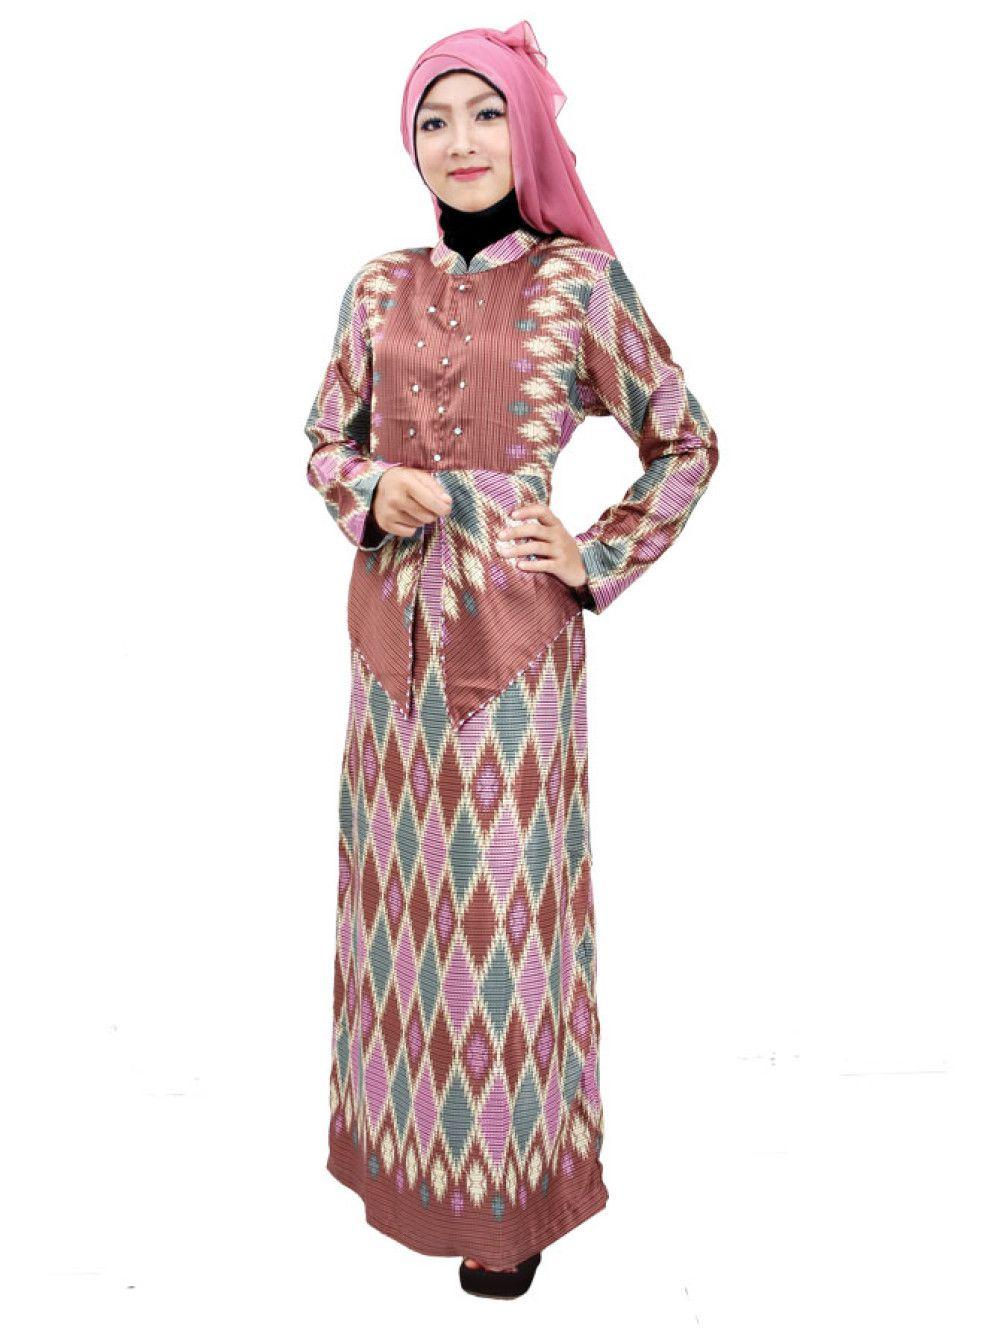 Contoh model baju gamis batik terbaru 2016 Model baju gamis batik muslimah terbaru